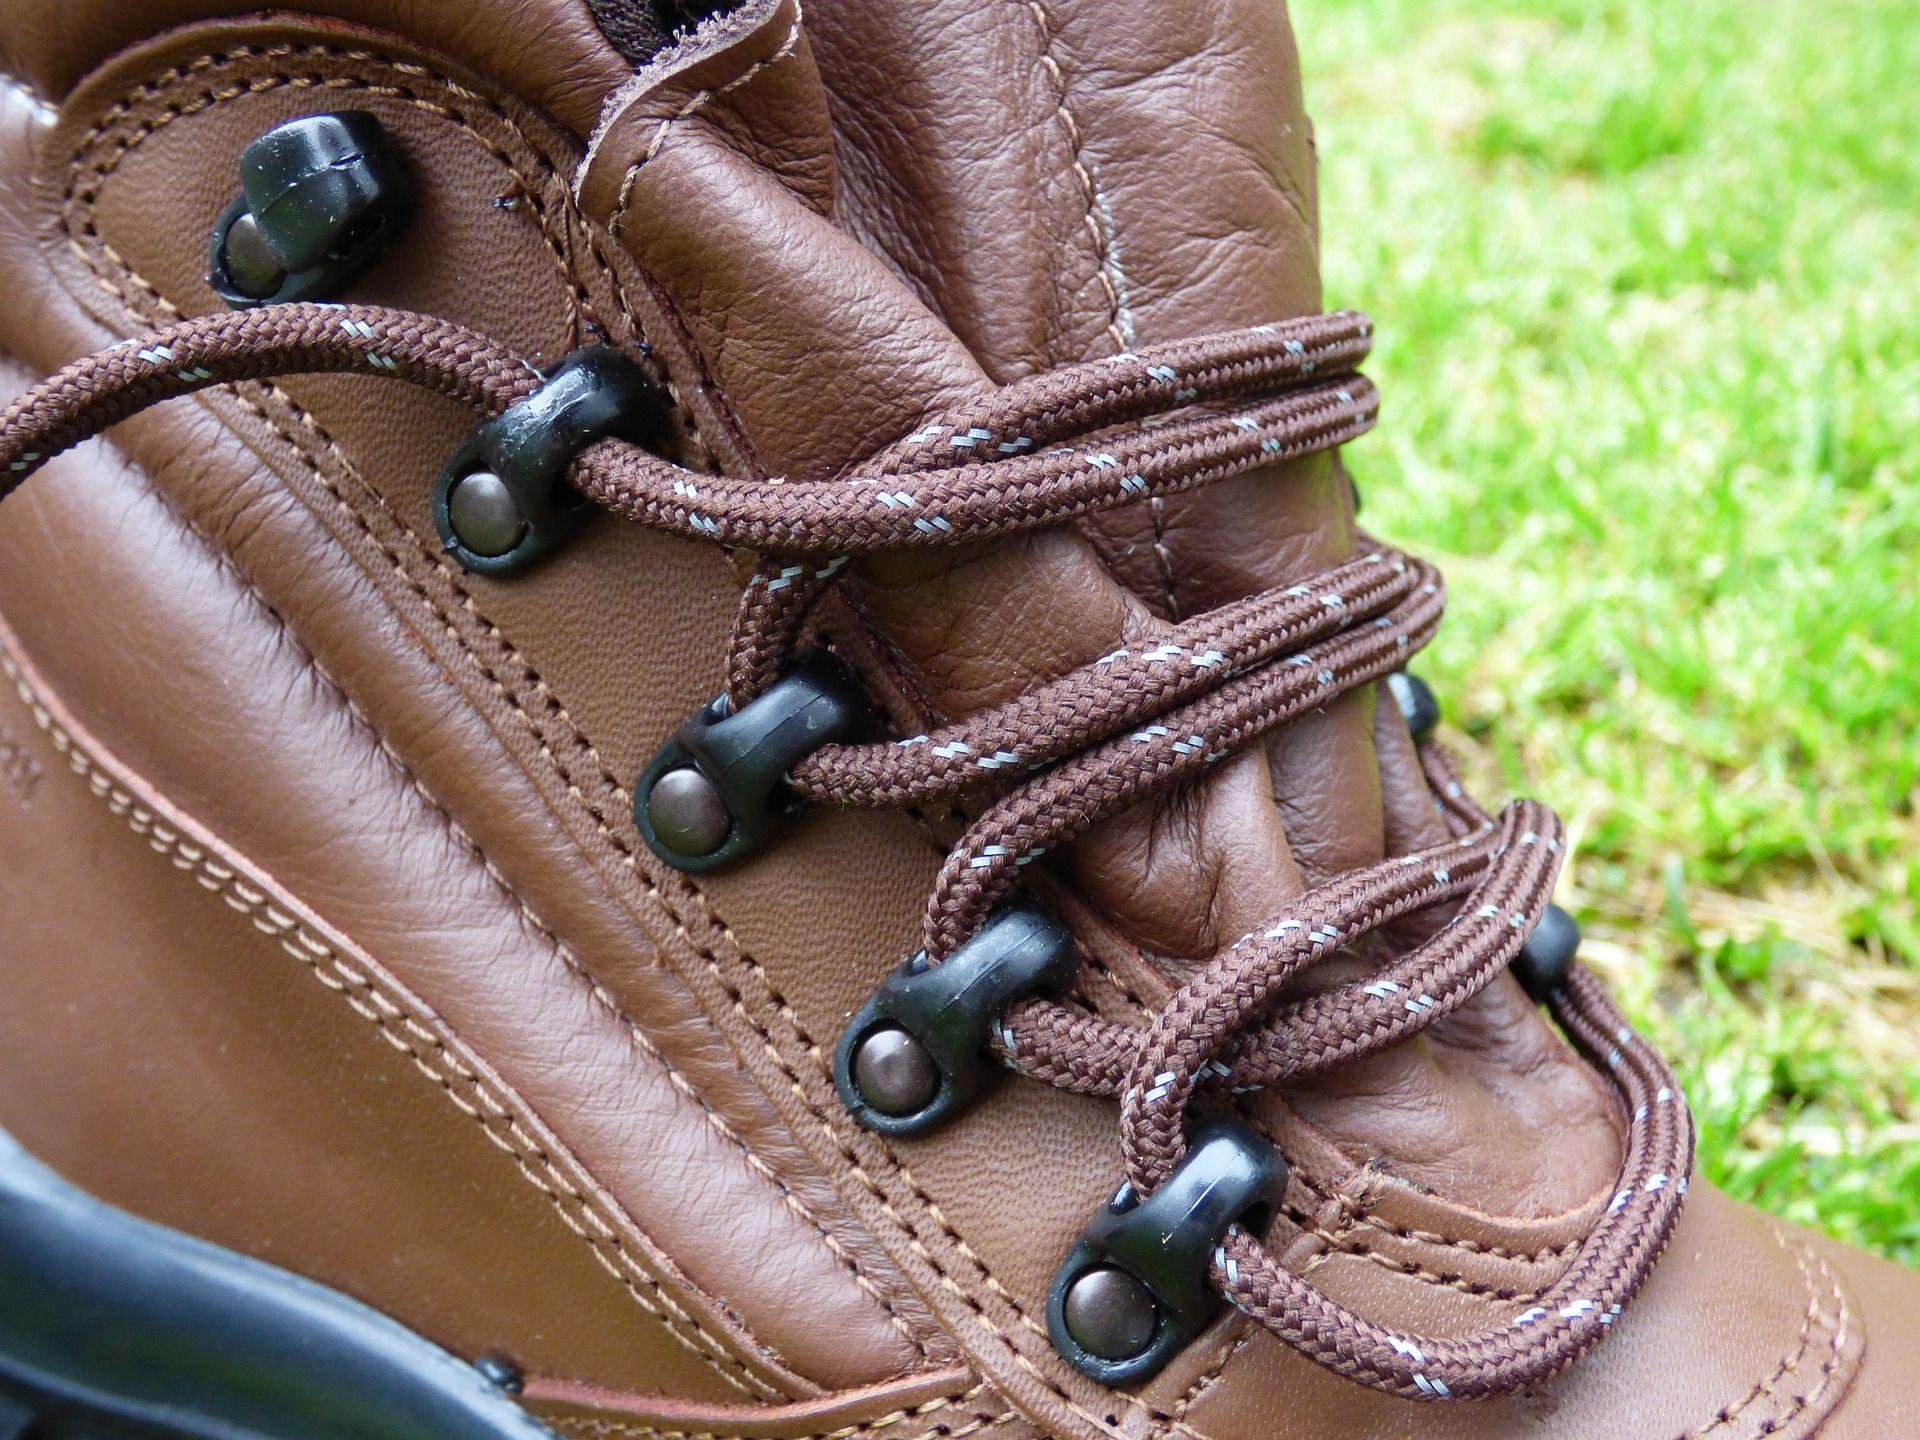 El calzado de seguridad laboral, un bien indispensable, según Suministros Tomás Beltrán